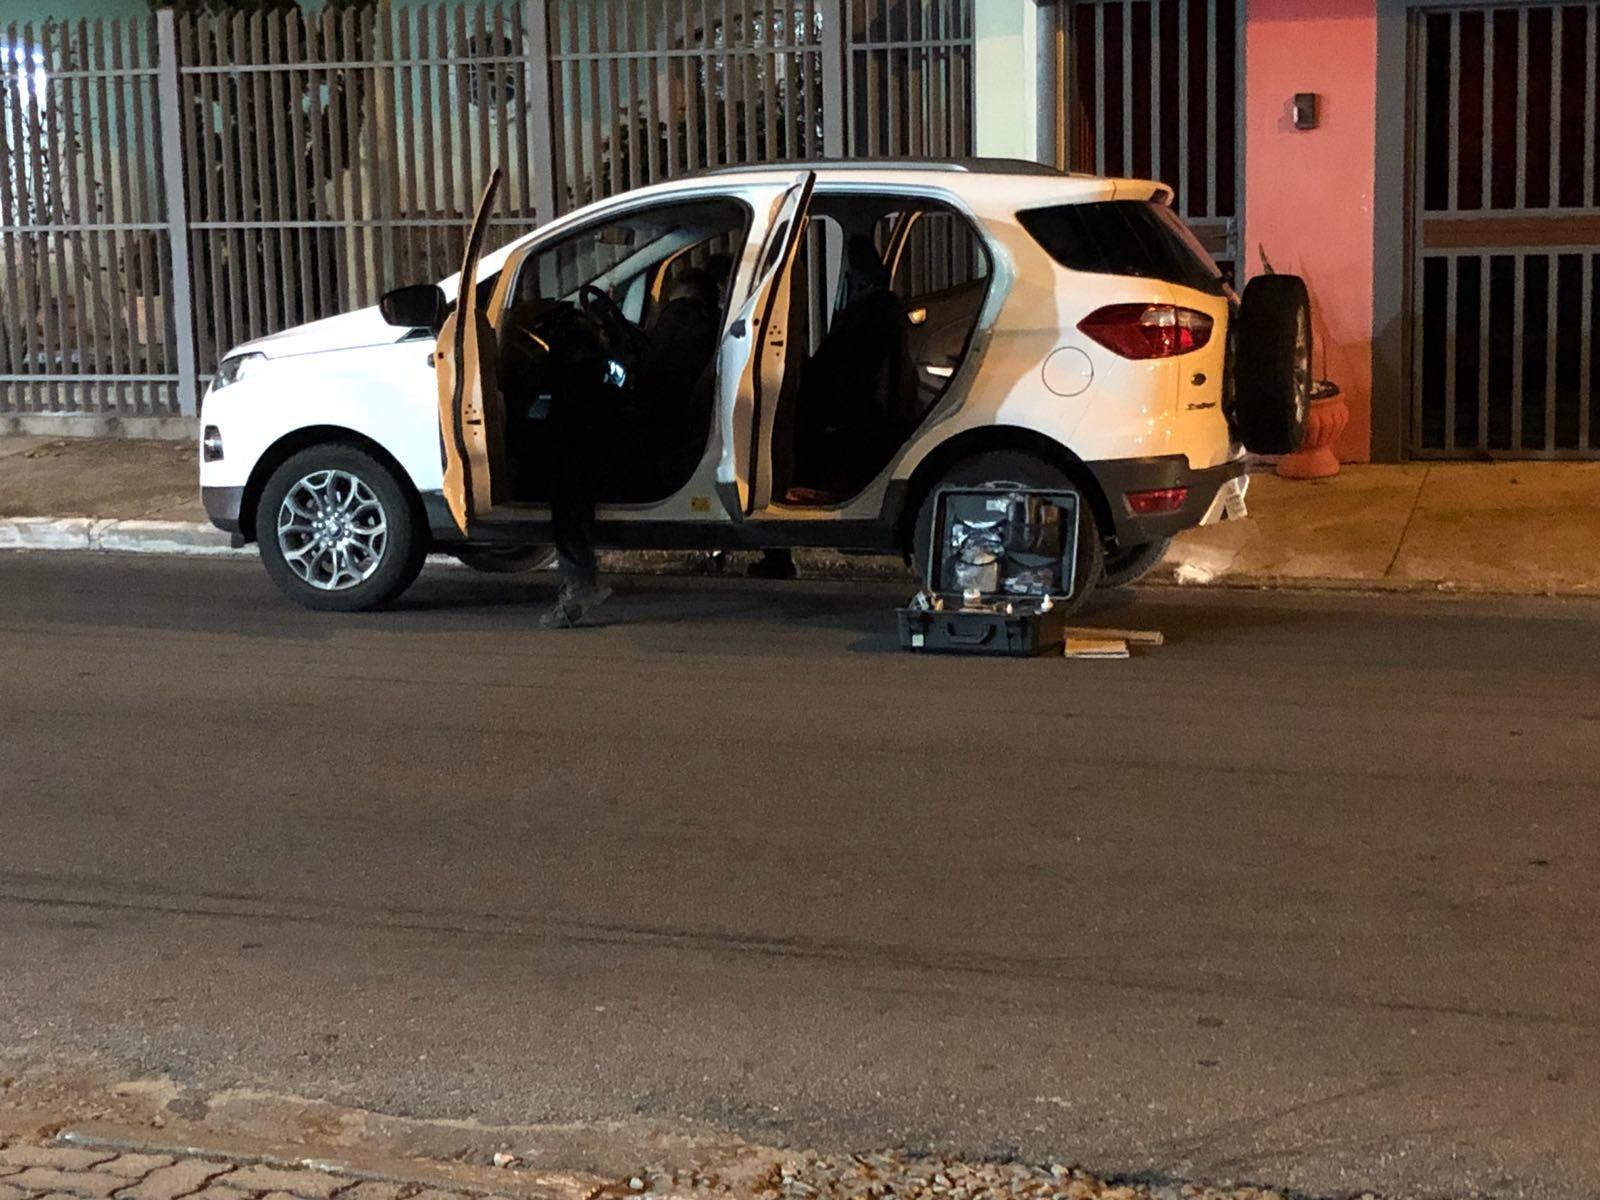 Segundo suspeito de latrocínio no Dia dos Pais é preso em São José, SP - Noticias